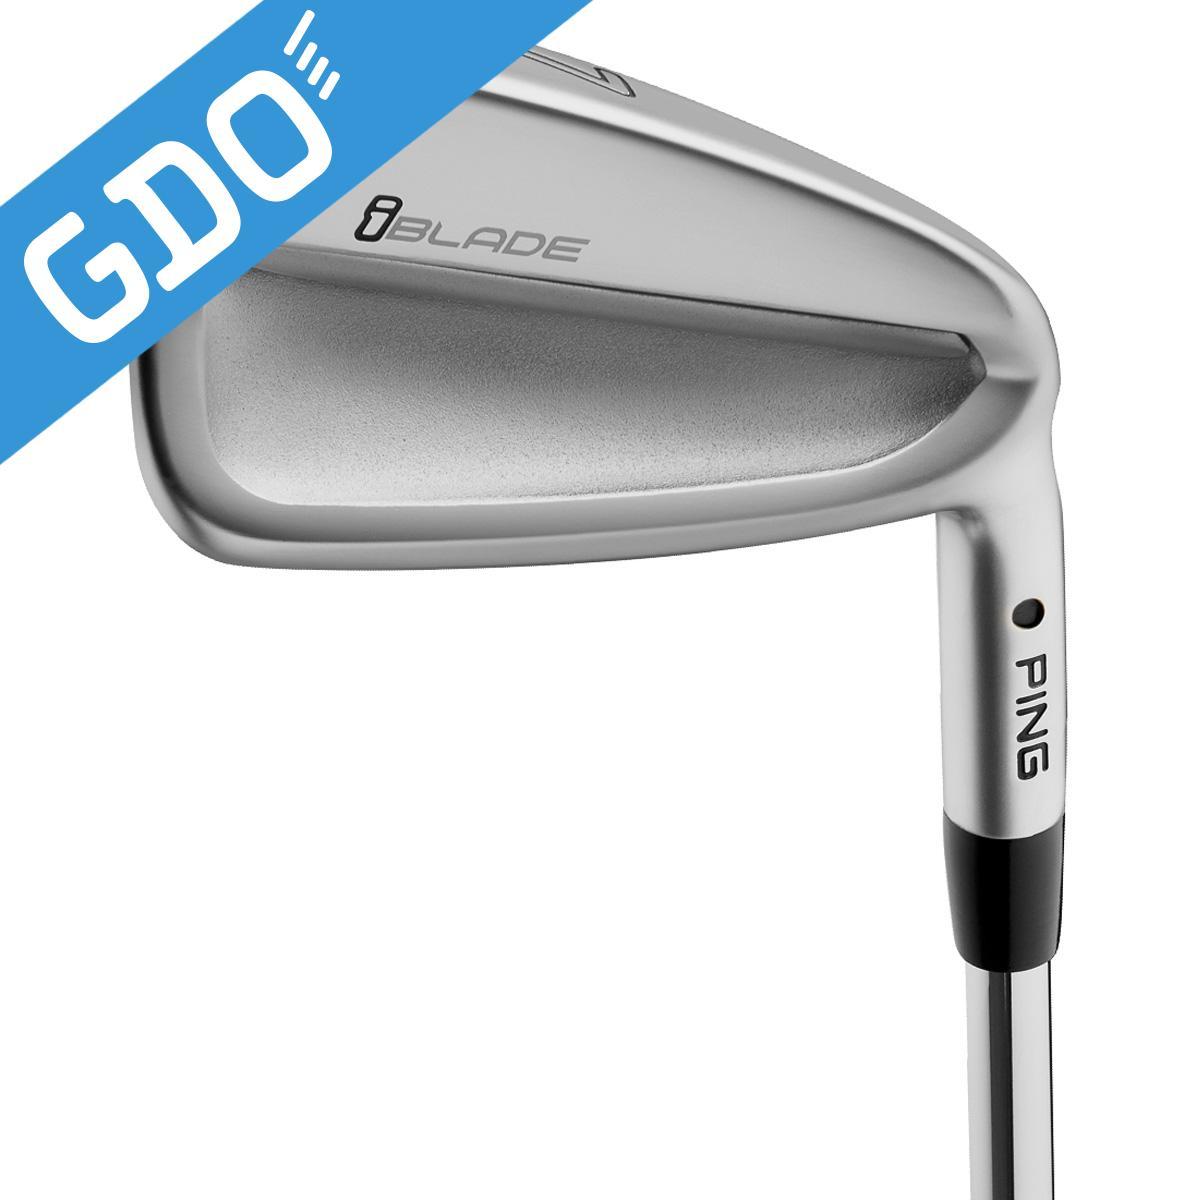 ピン i BLADE アイ ブレード アイアン(6本セット) CFS J50 シャフト:CFS J50[ゴルフ用品 ゴルフ ボール ゴルフボール golf gdo ギフト 通販 ]